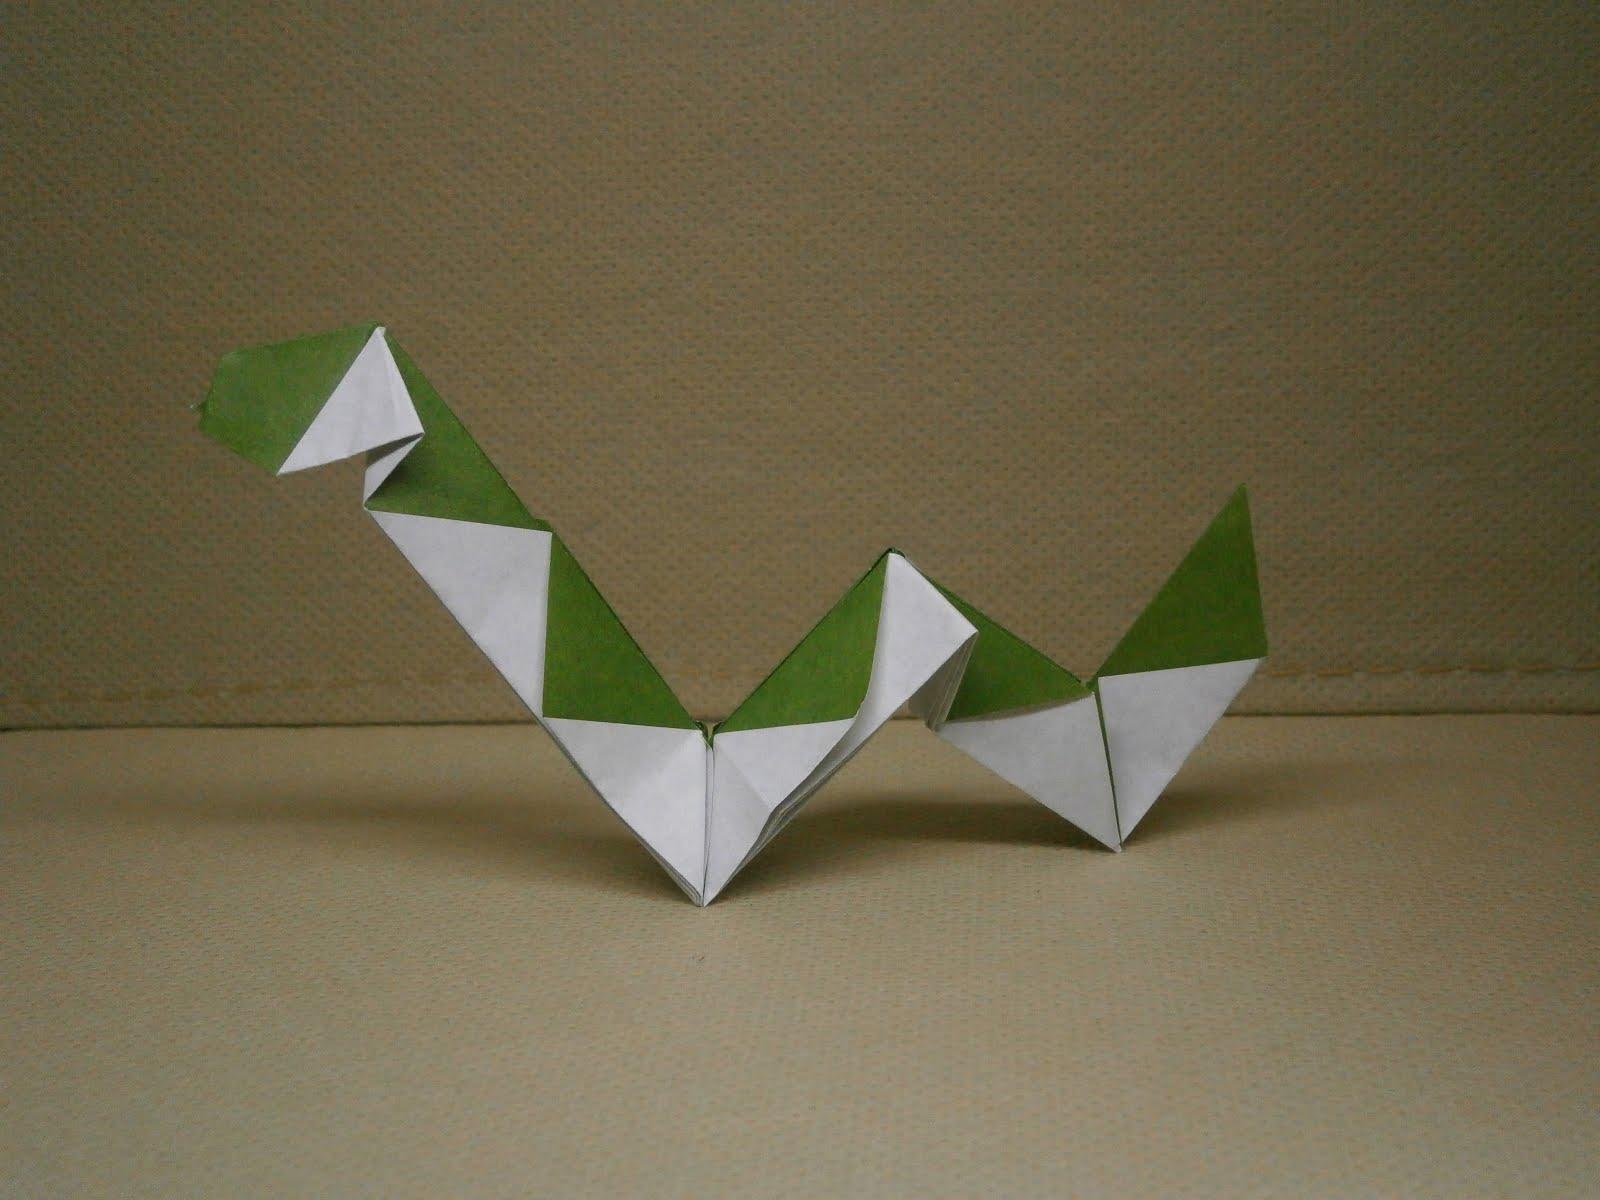 KATAKOTO ORIGAMI: Creation of origami snake that is next ... - photo#3